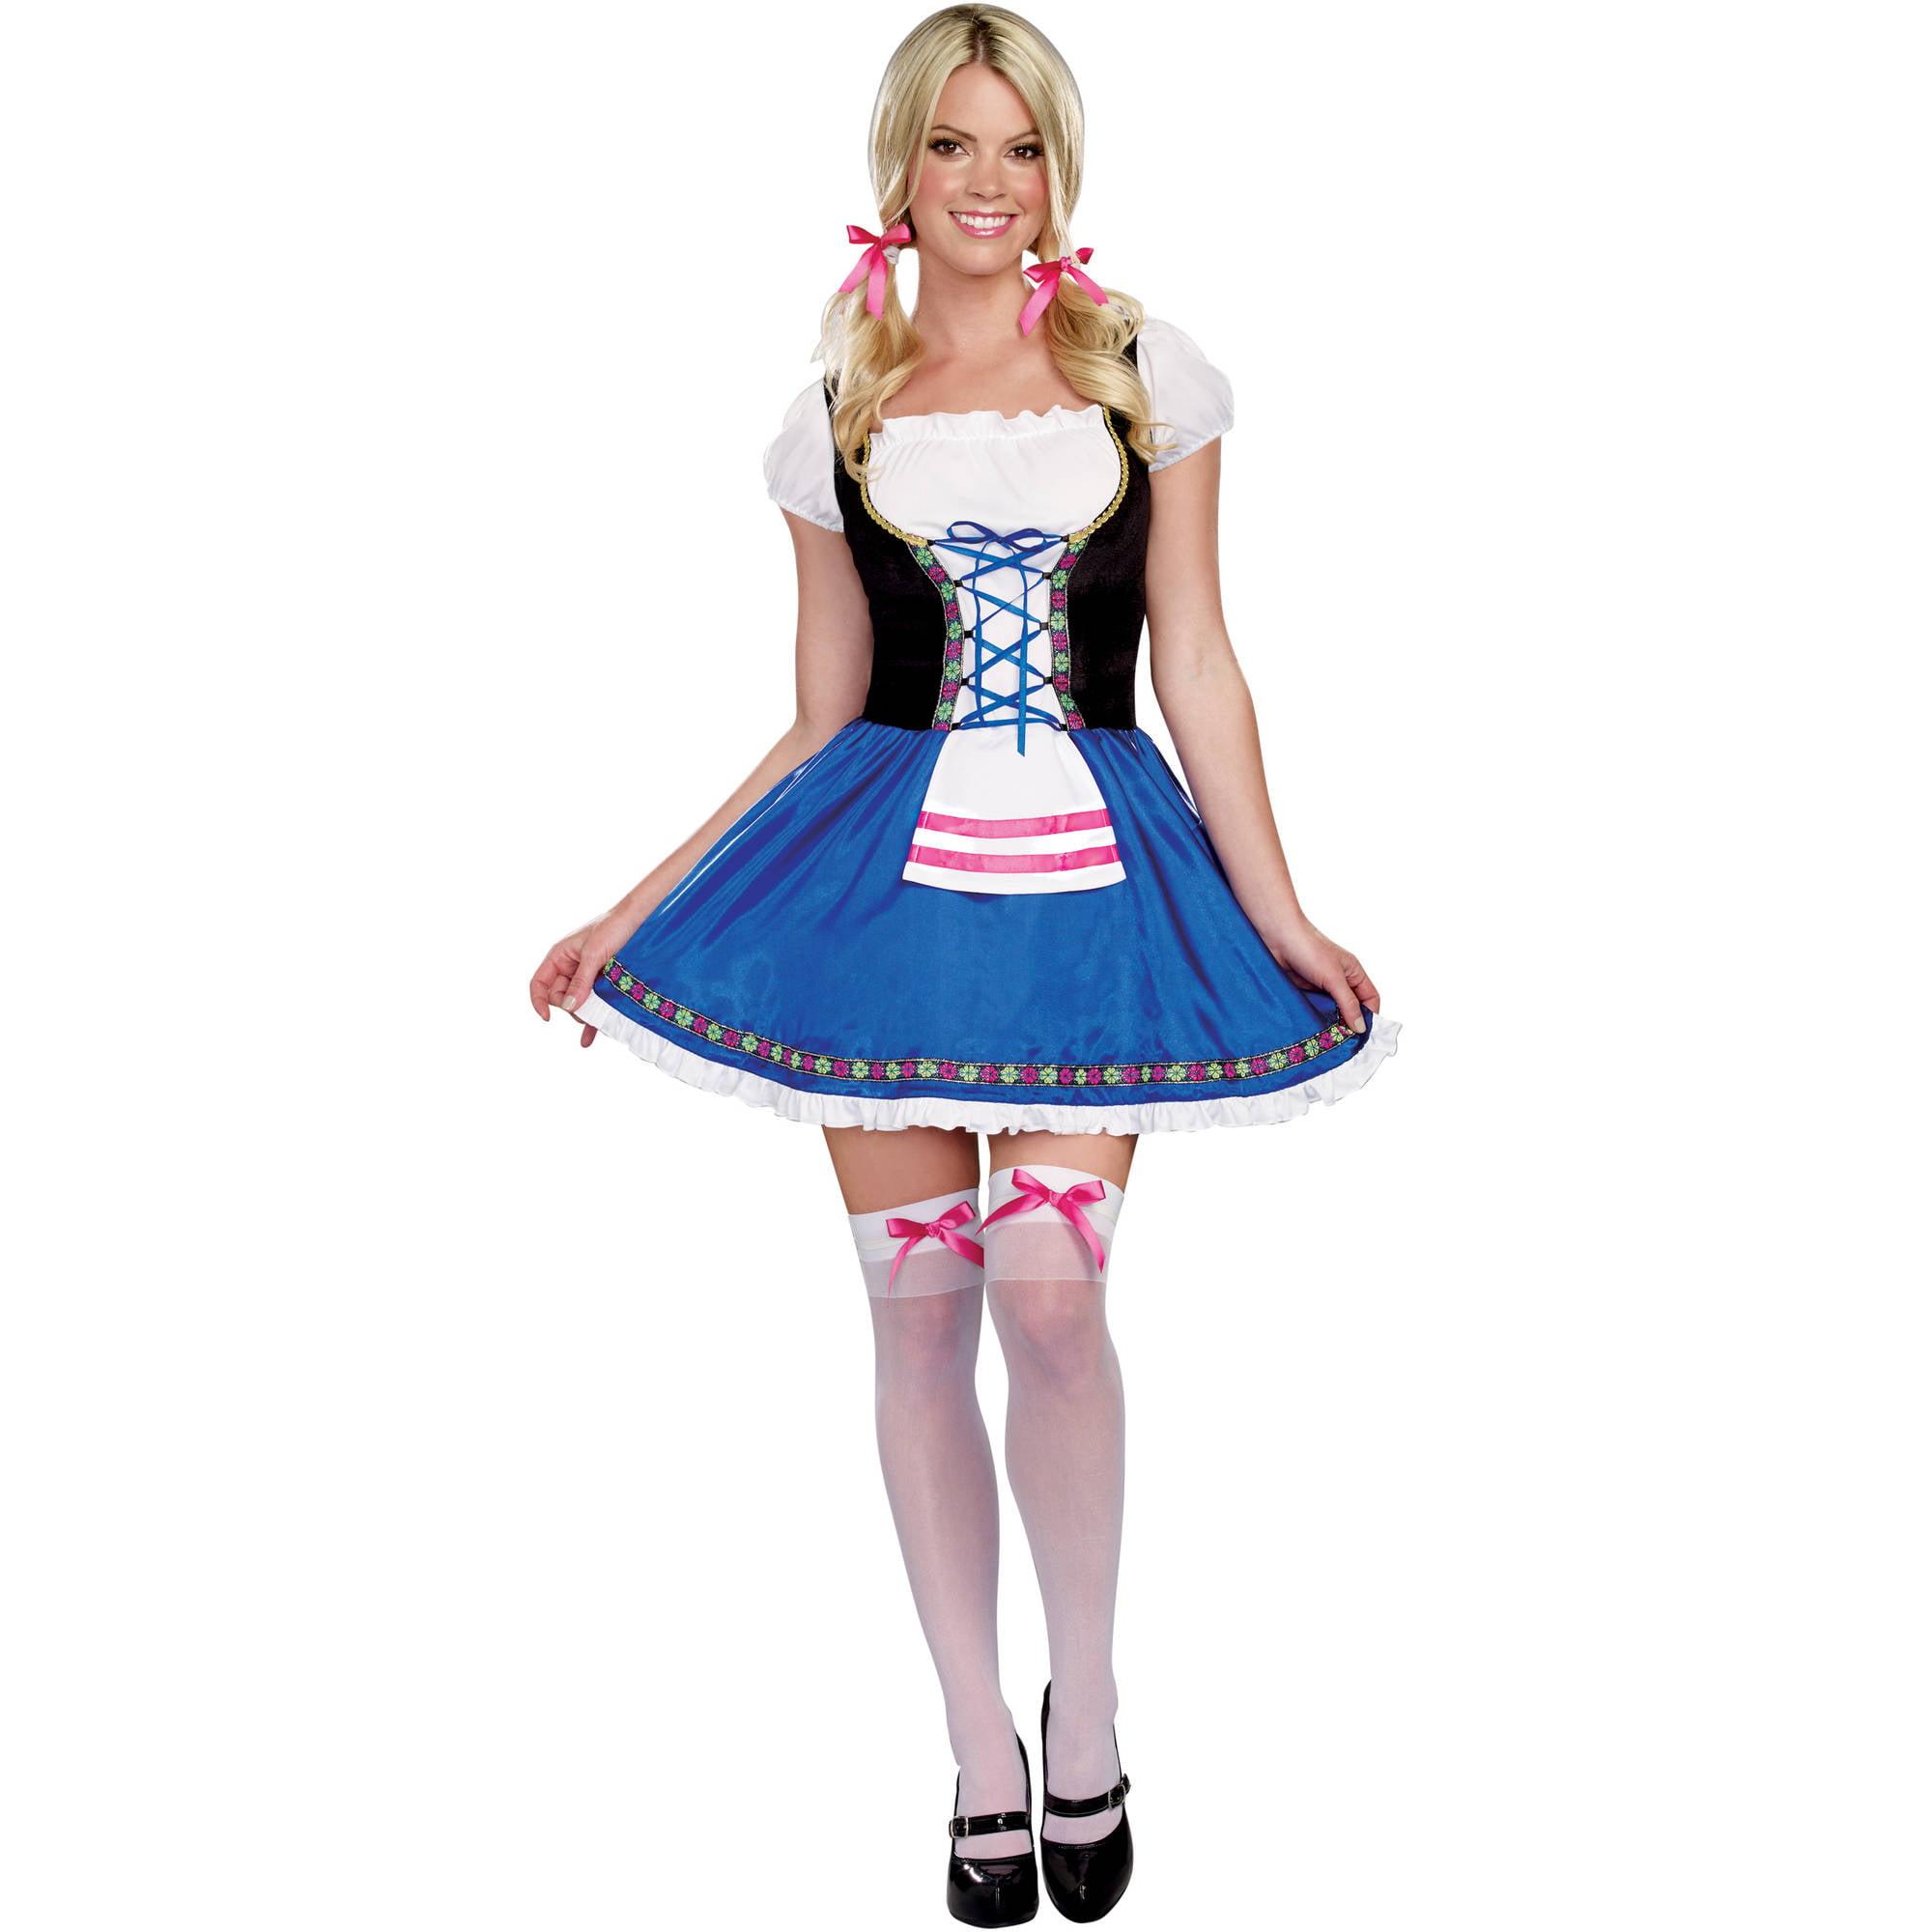 beer maiden adult women's halloween costume - walmart